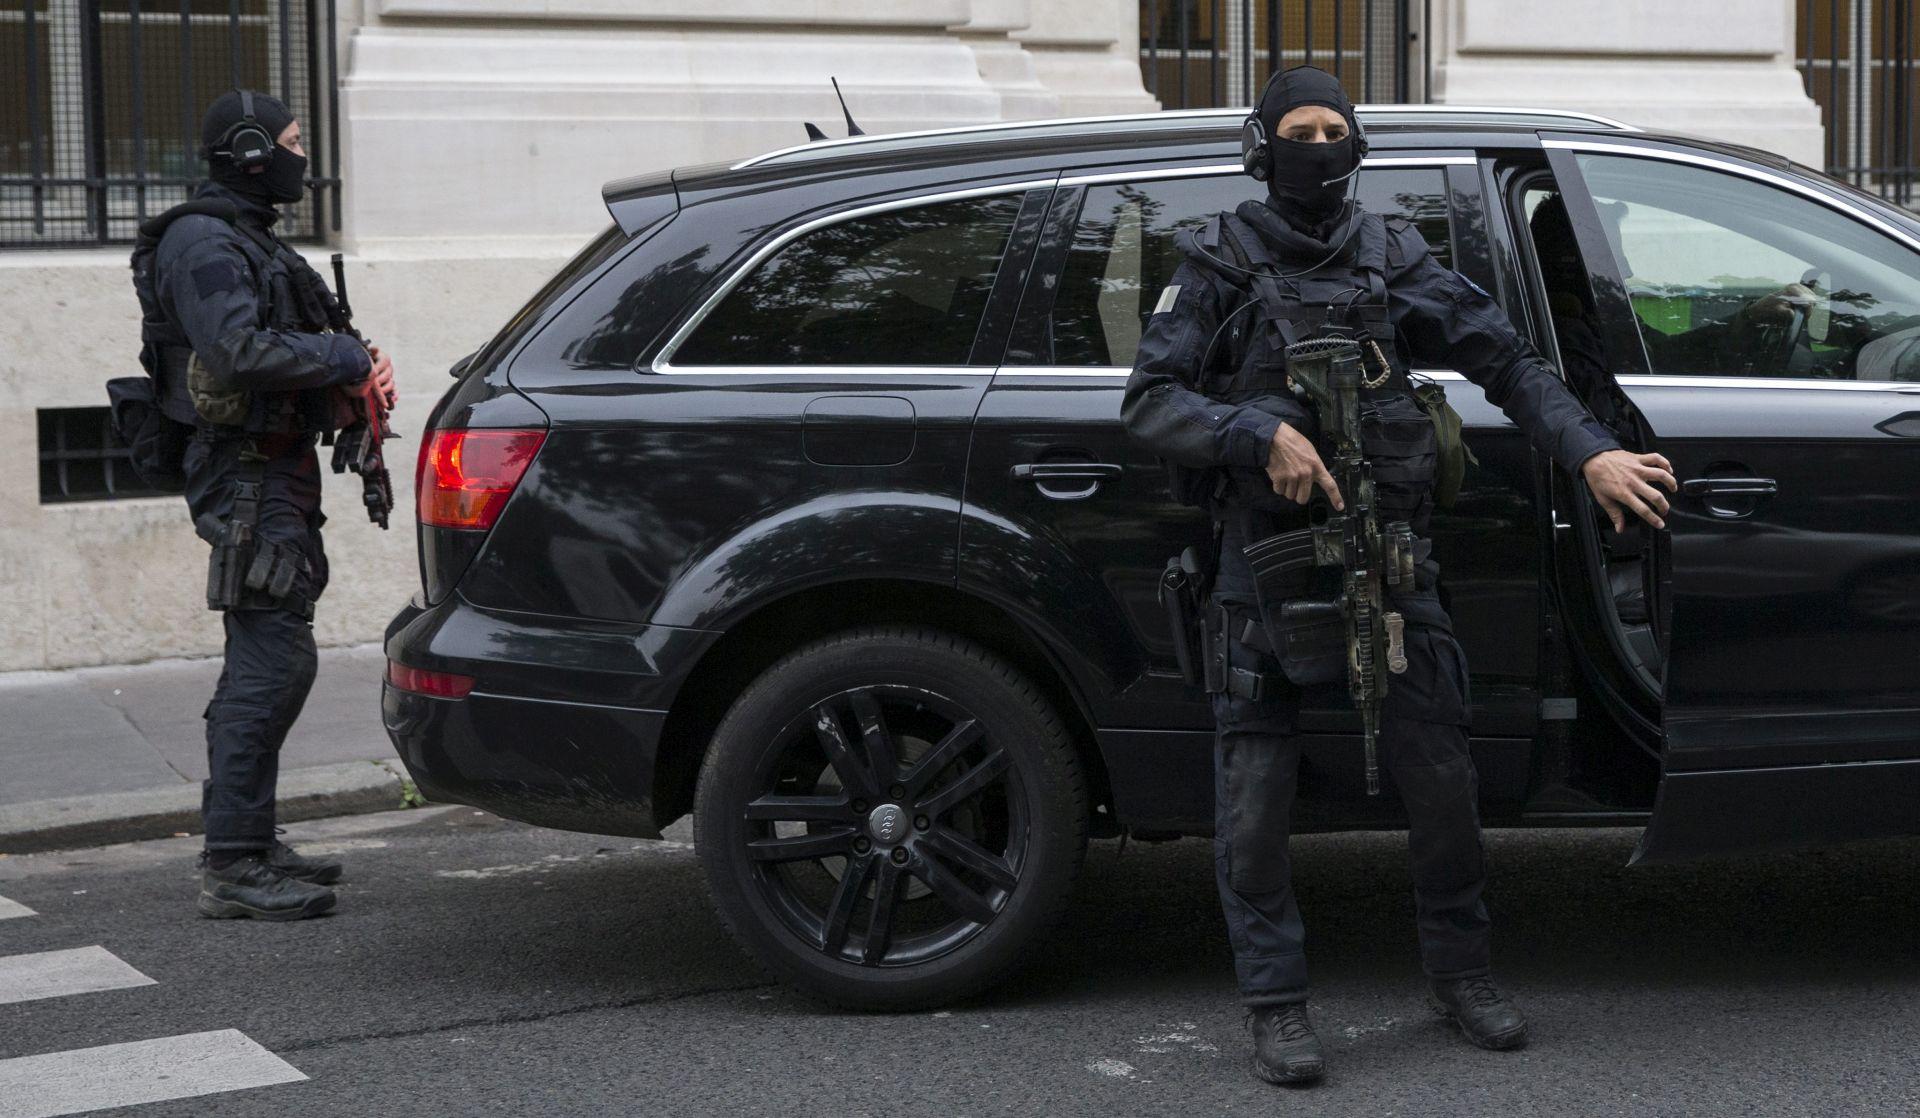 POGRANIČNA POLICIJA: Ukrajina uhitila muškarca koji je planirao napad u Francuskoj